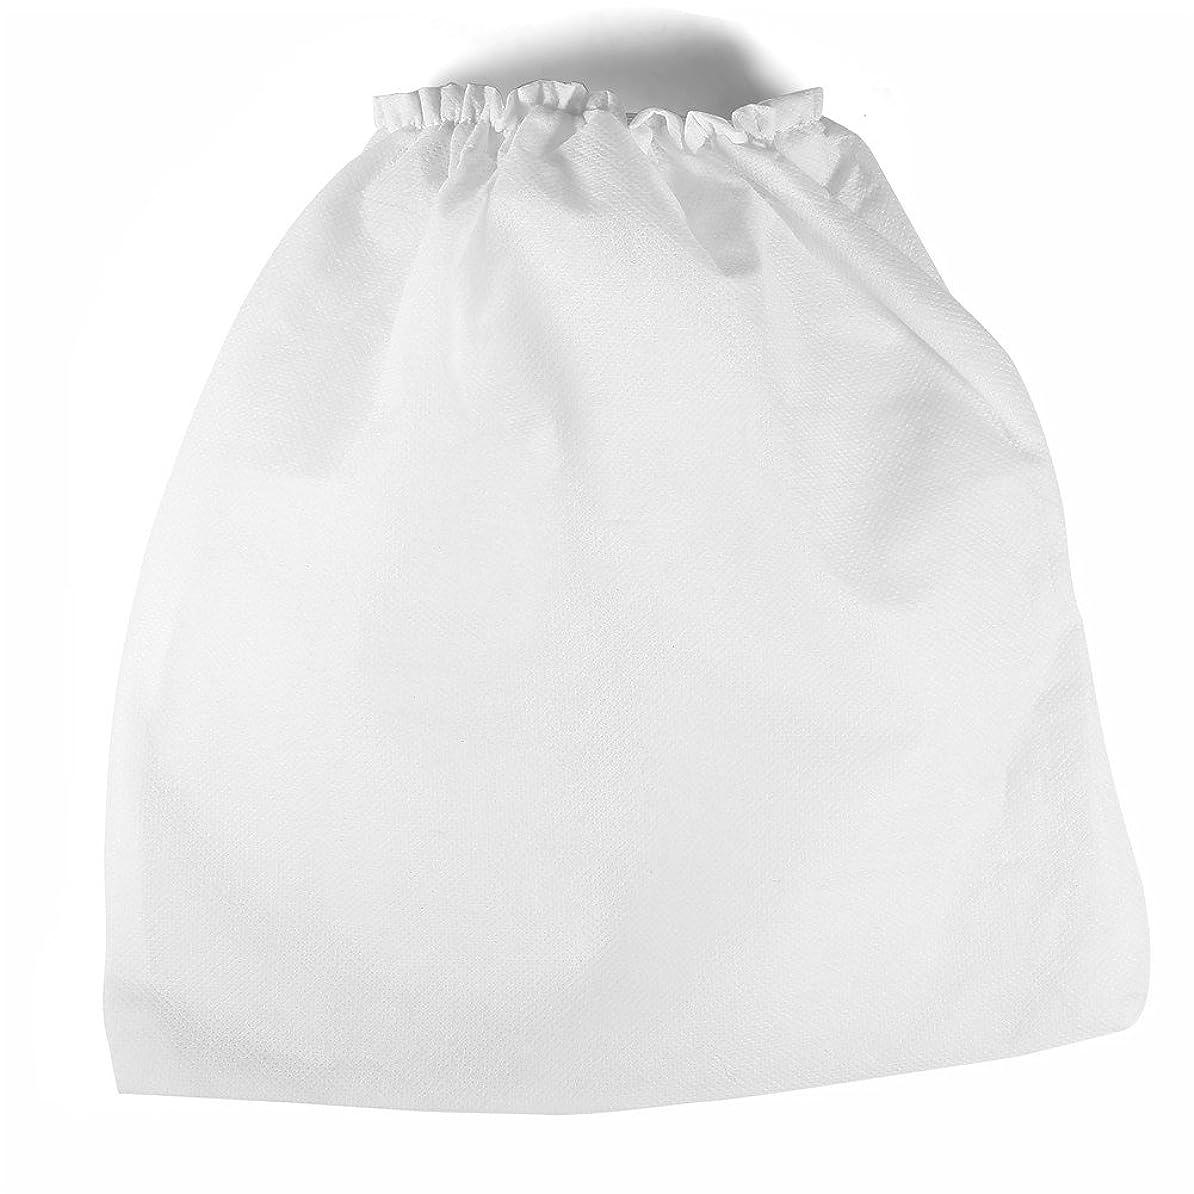 ニックネーム環境保護主義者ゲージ10本の不織布掃除機の交換用バッグ